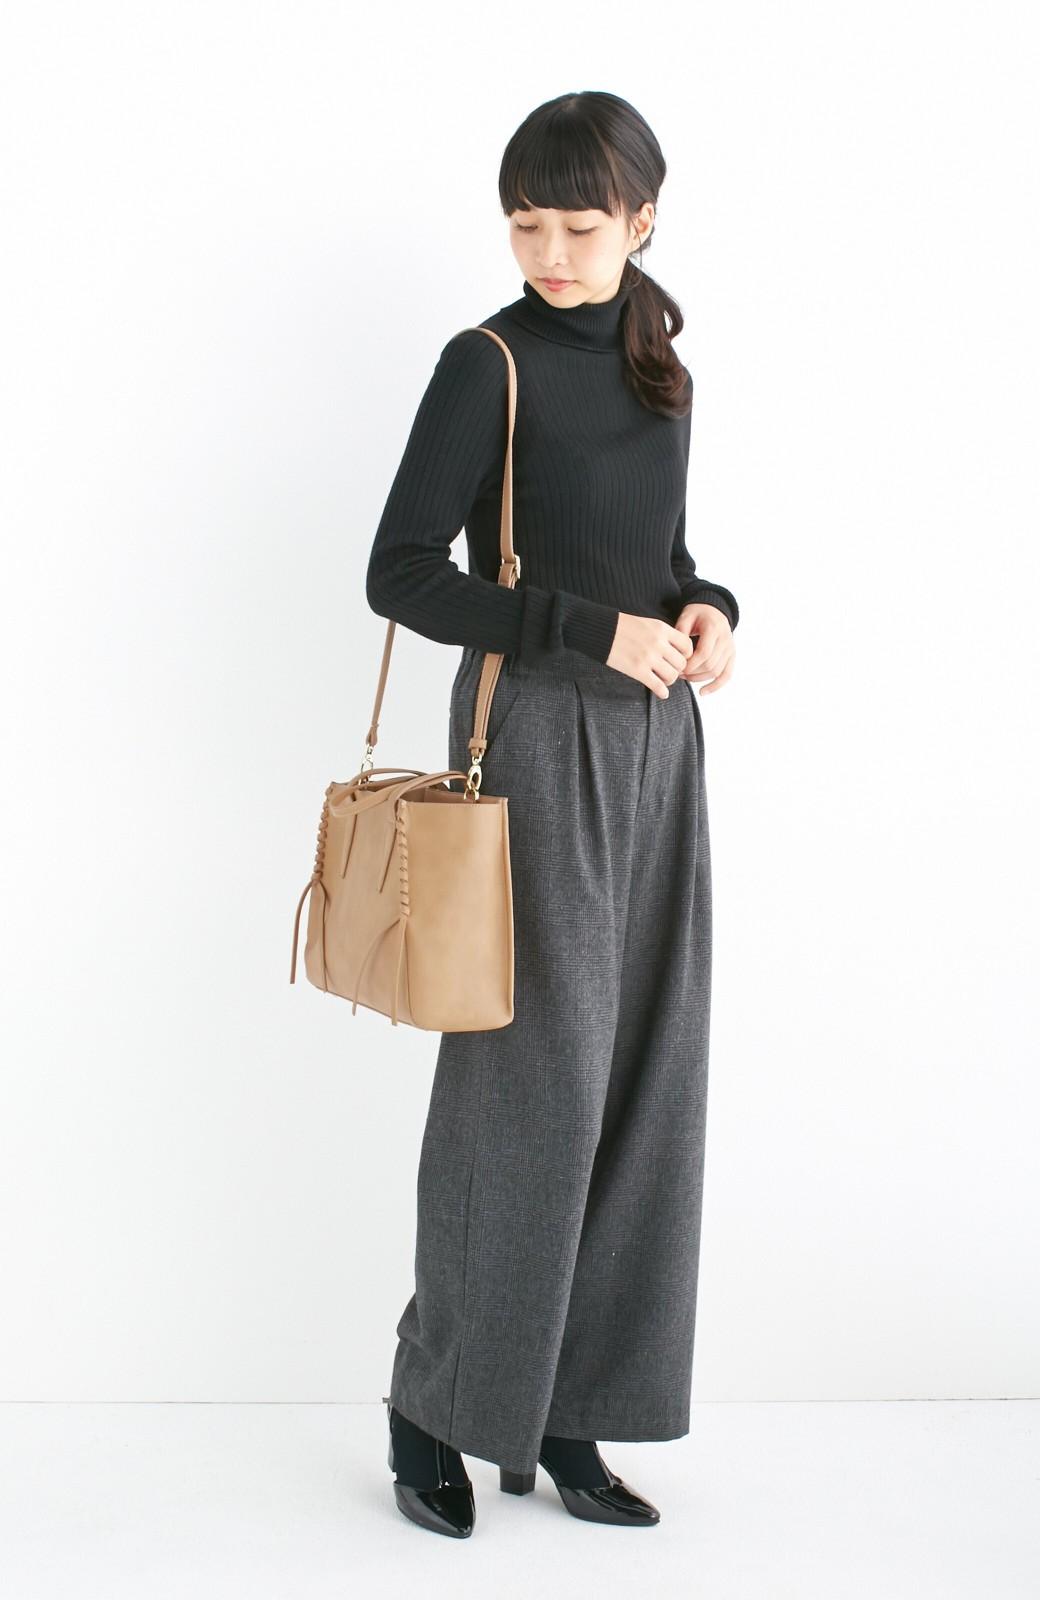 エムトロワ 編み込みデザインがかわいいフェミニントートバッグ <ベージュ>の商品写真5